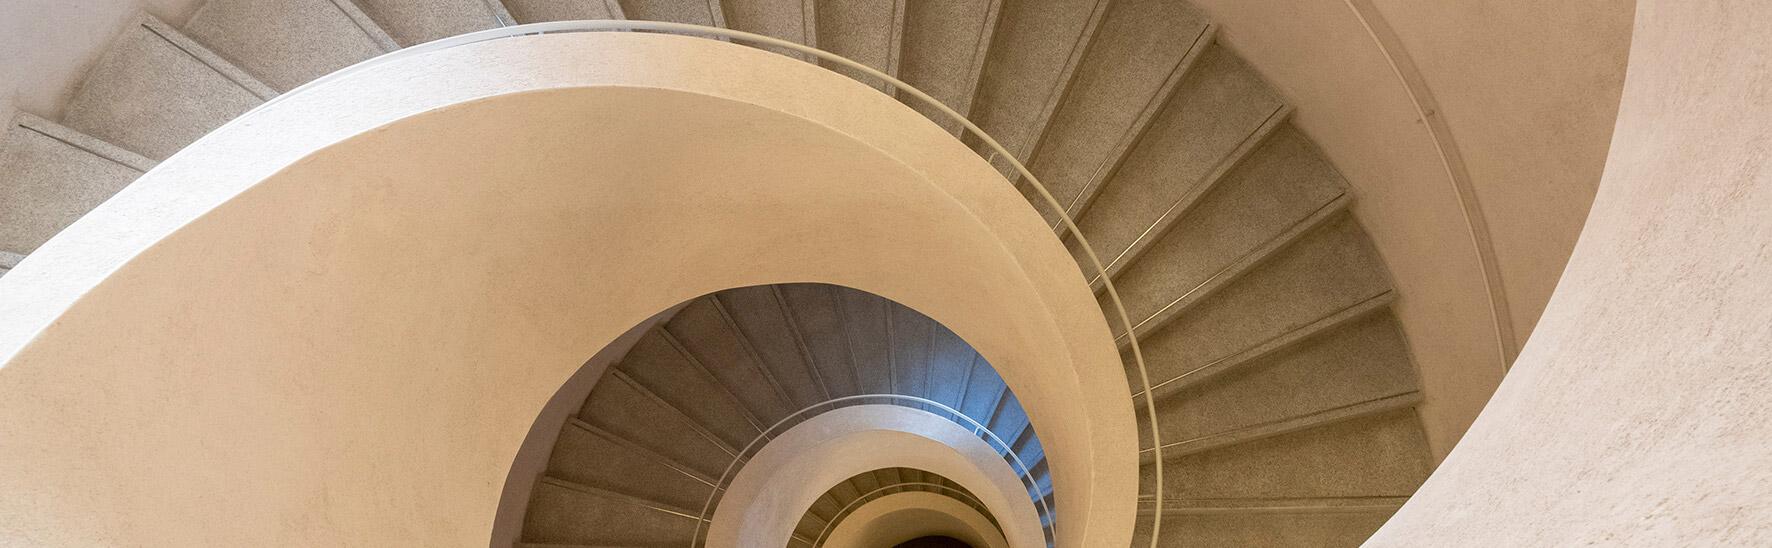 Escaleras en Mármol y Granito en Inmacón